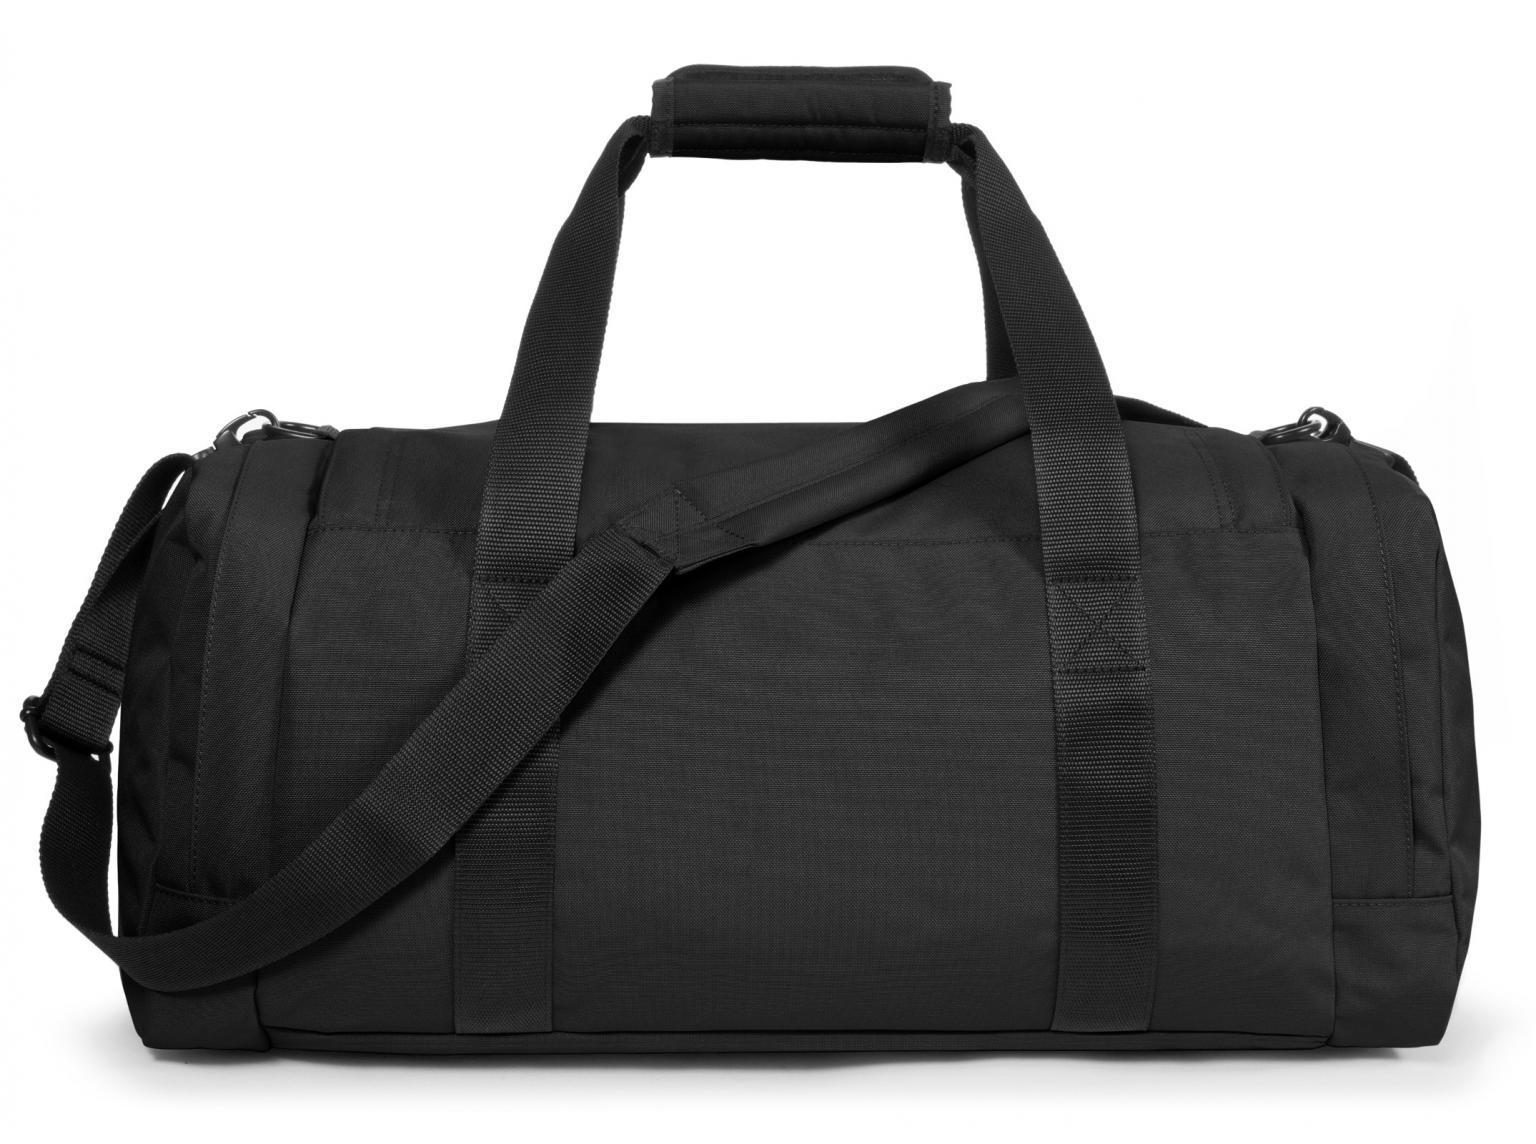 Sporttasche Eastpak Reader S schwarz Handgepäck black